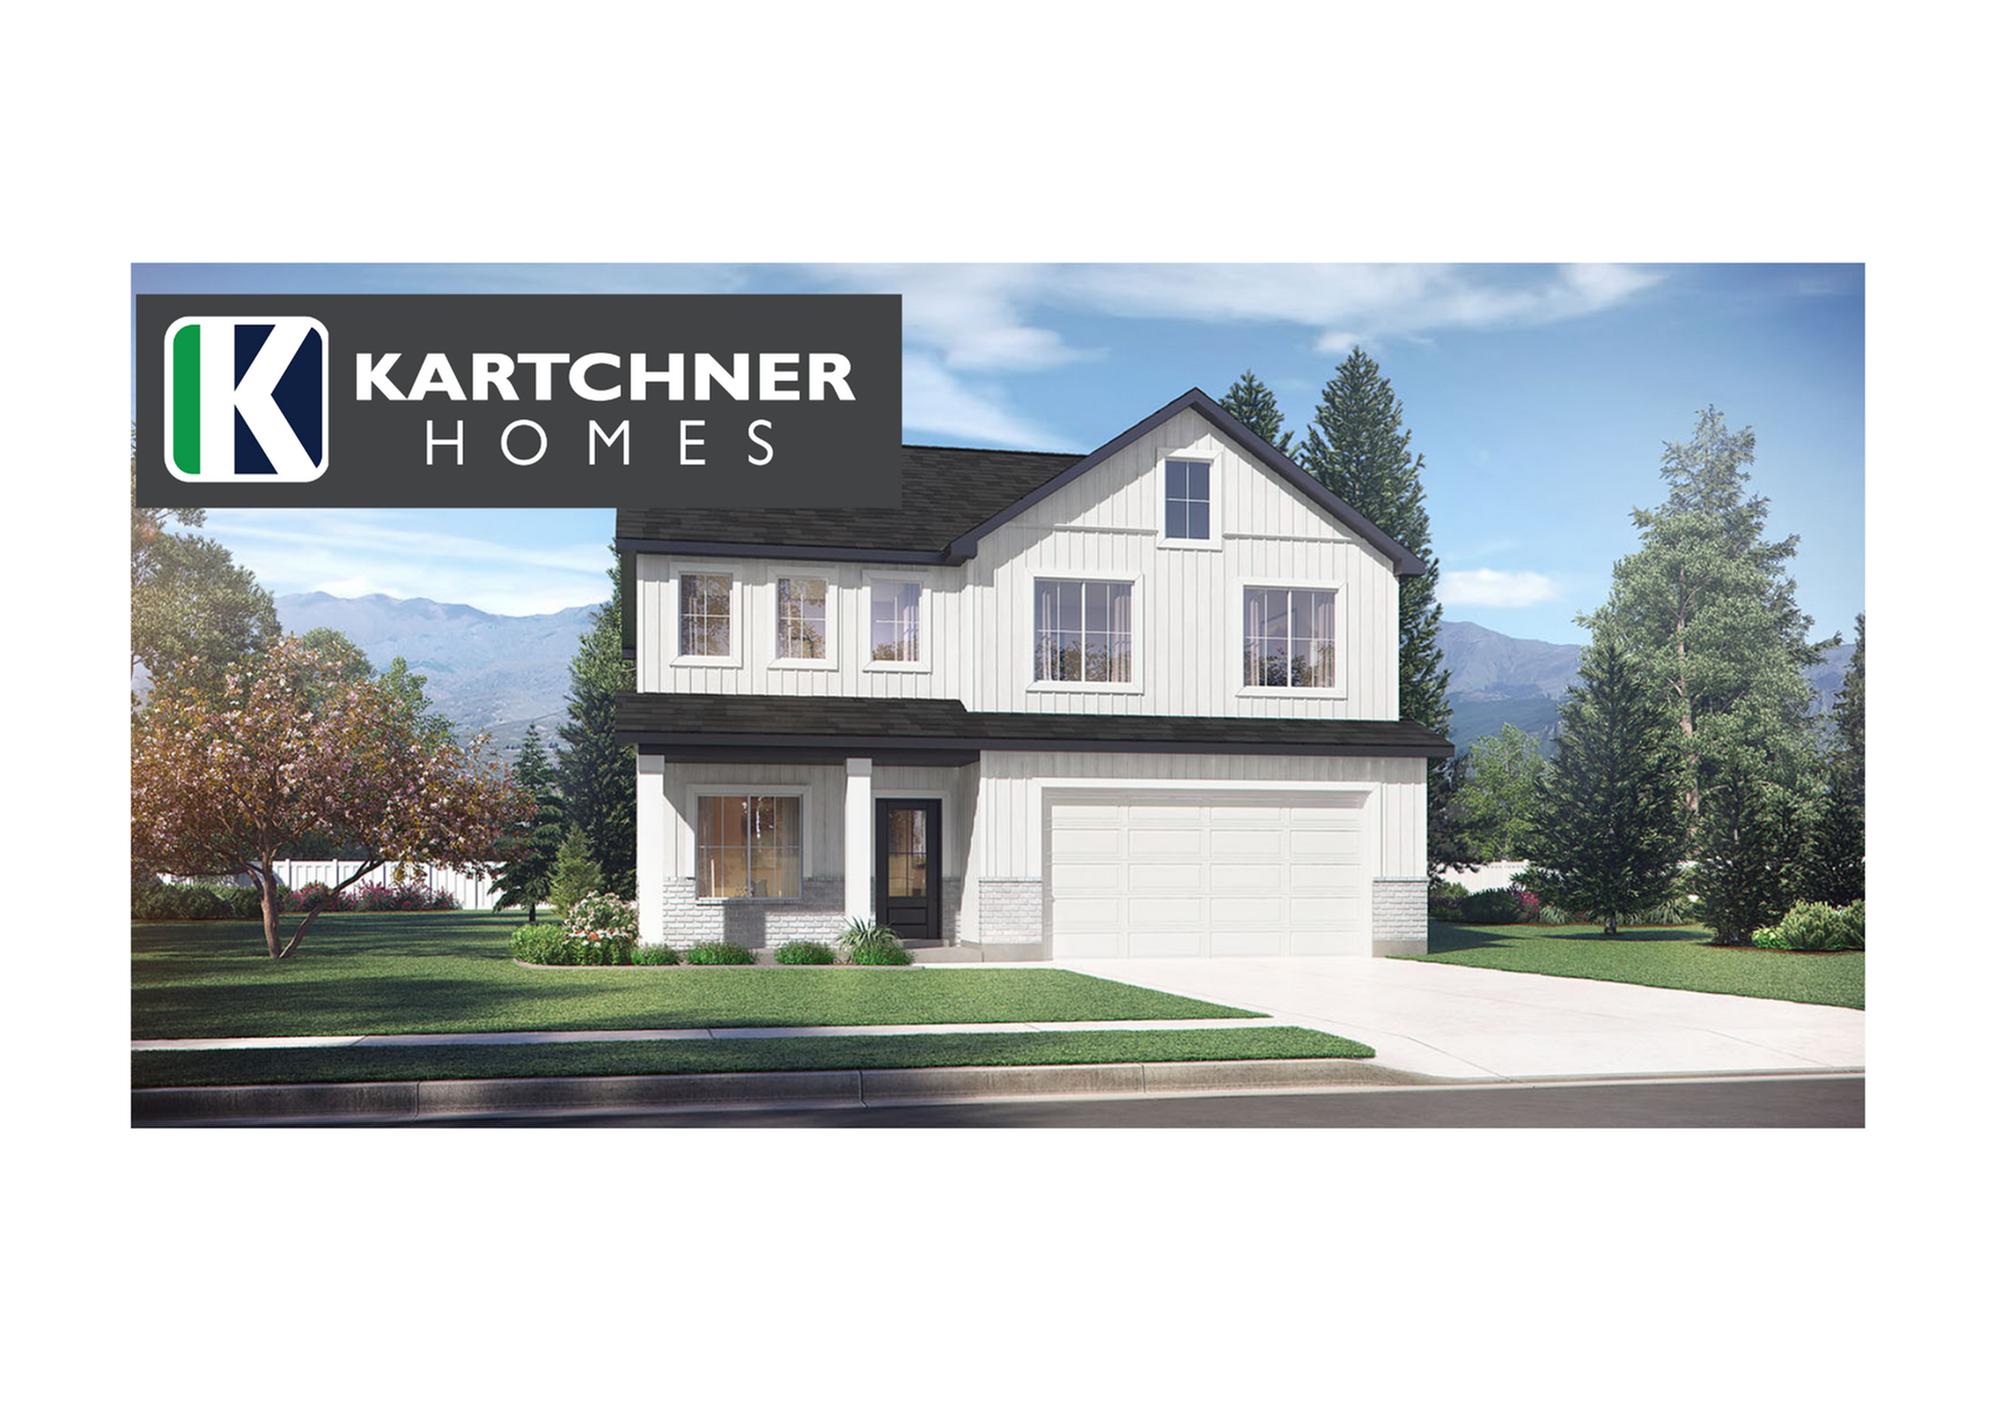 Kartchner Home Buying Program-image